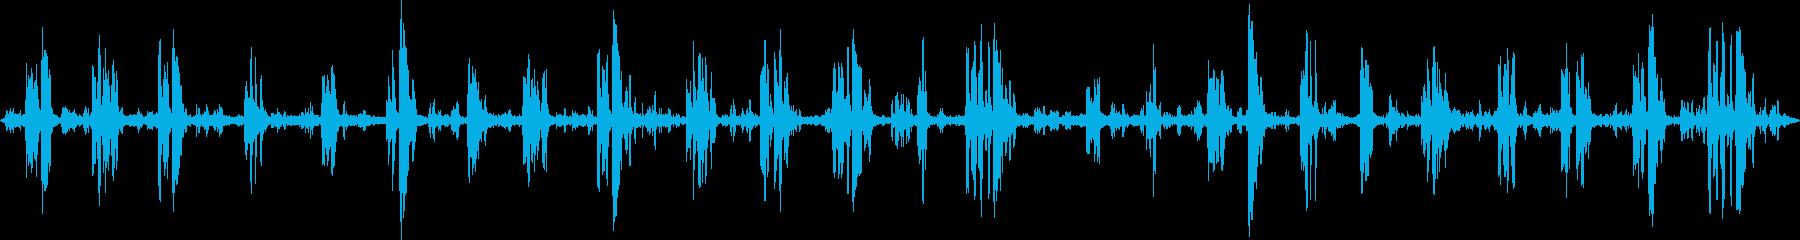 ミドルスルー、バード; DIGIF...の再生済みの波形